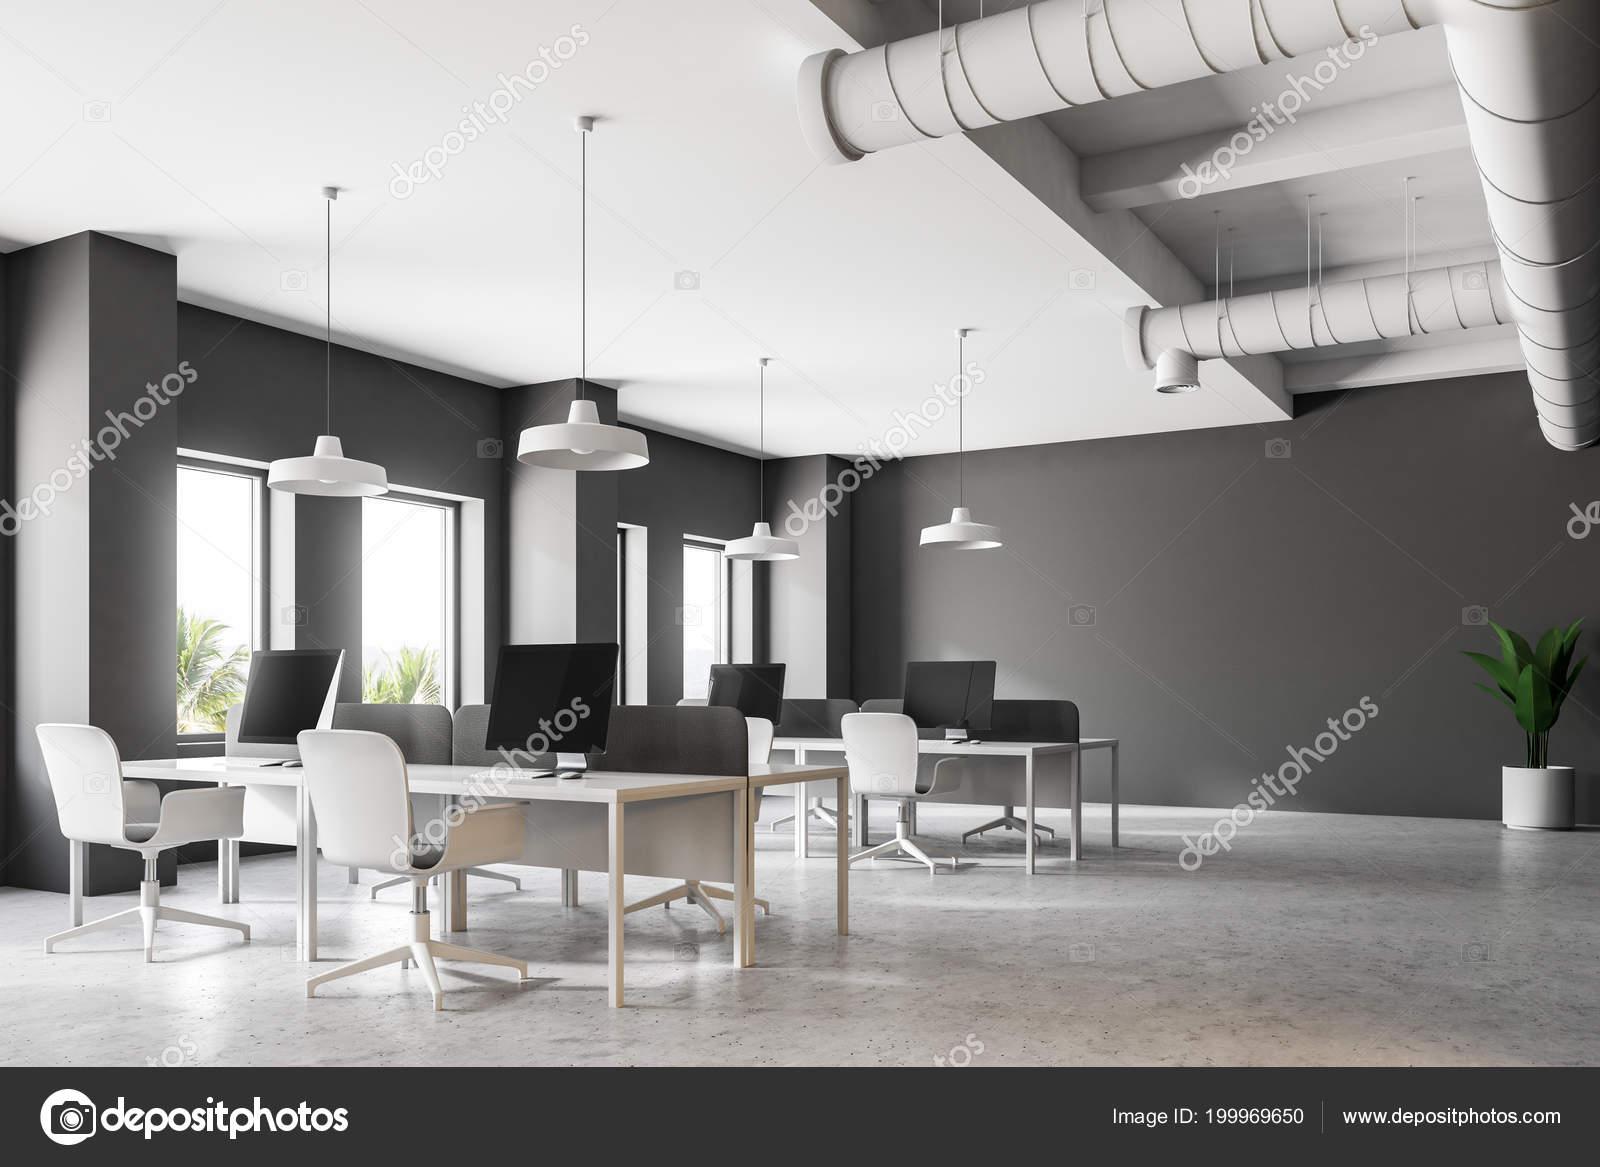 Pavimento Bianco Grigio : Angolo ufficio stile industriale grigio scuro con pavimento bianco